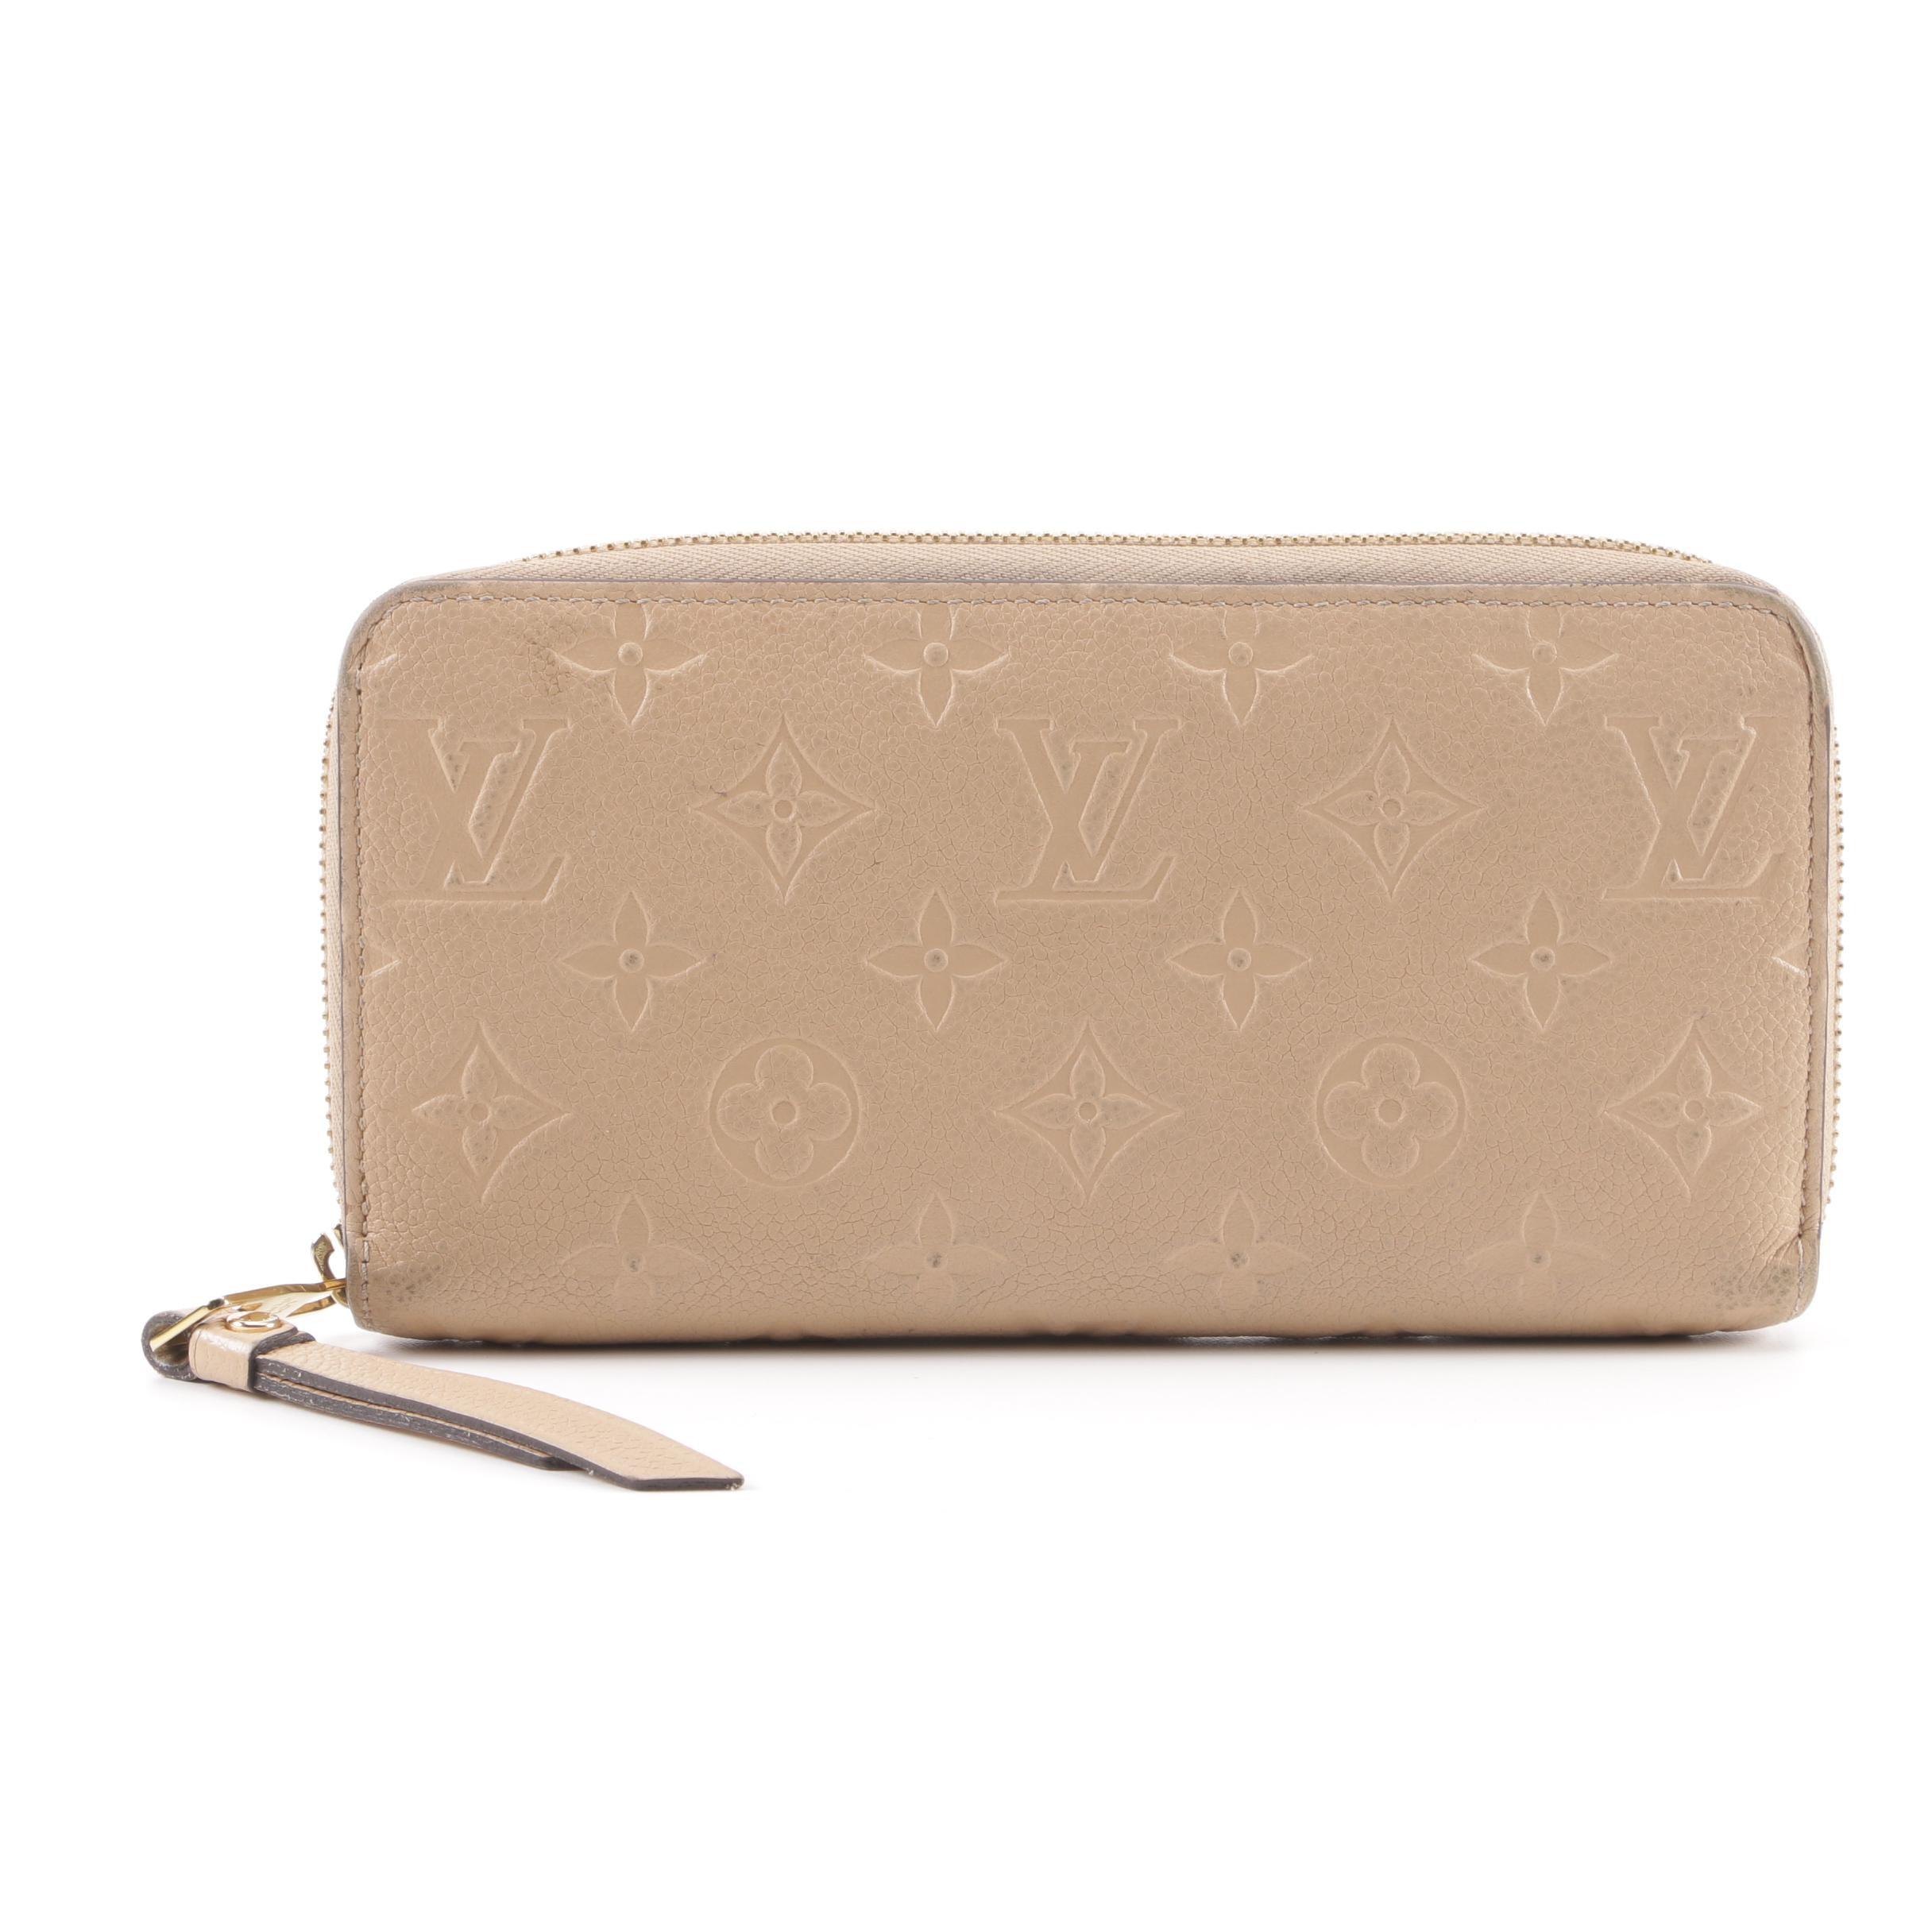 2015 Louis Vuitton Monogram Dune Empreinte Leather Secret Long Wallet